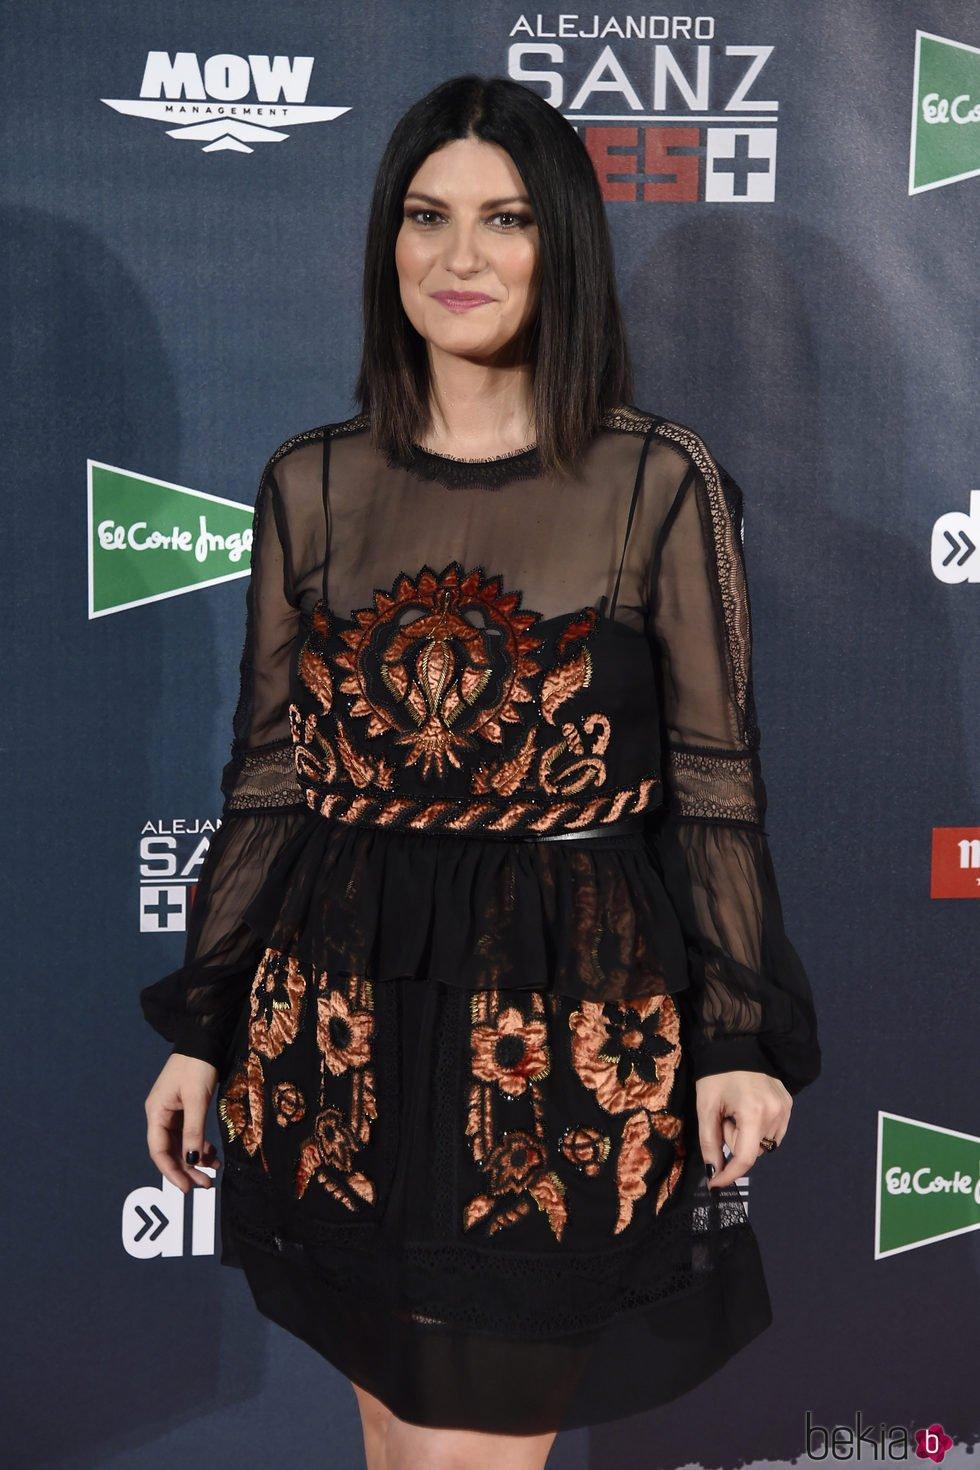 Laura Pausini En El Concierto De Alejandro San Mas Es Mas En